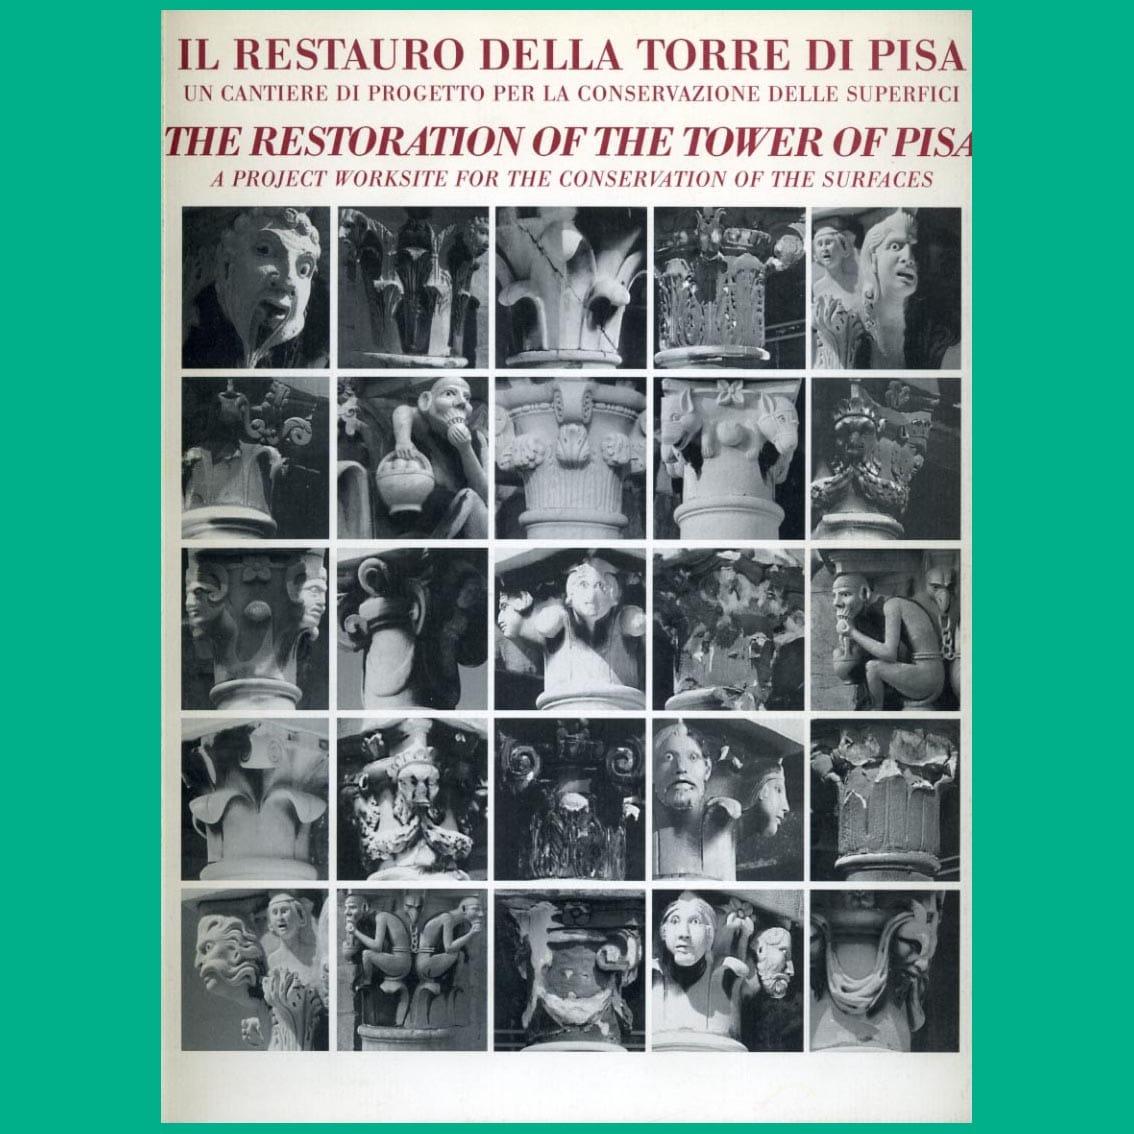 http://cbccoop.it/app/uploads/2017/06/Il-restauro-della-Torre-di-Pisa.jpg